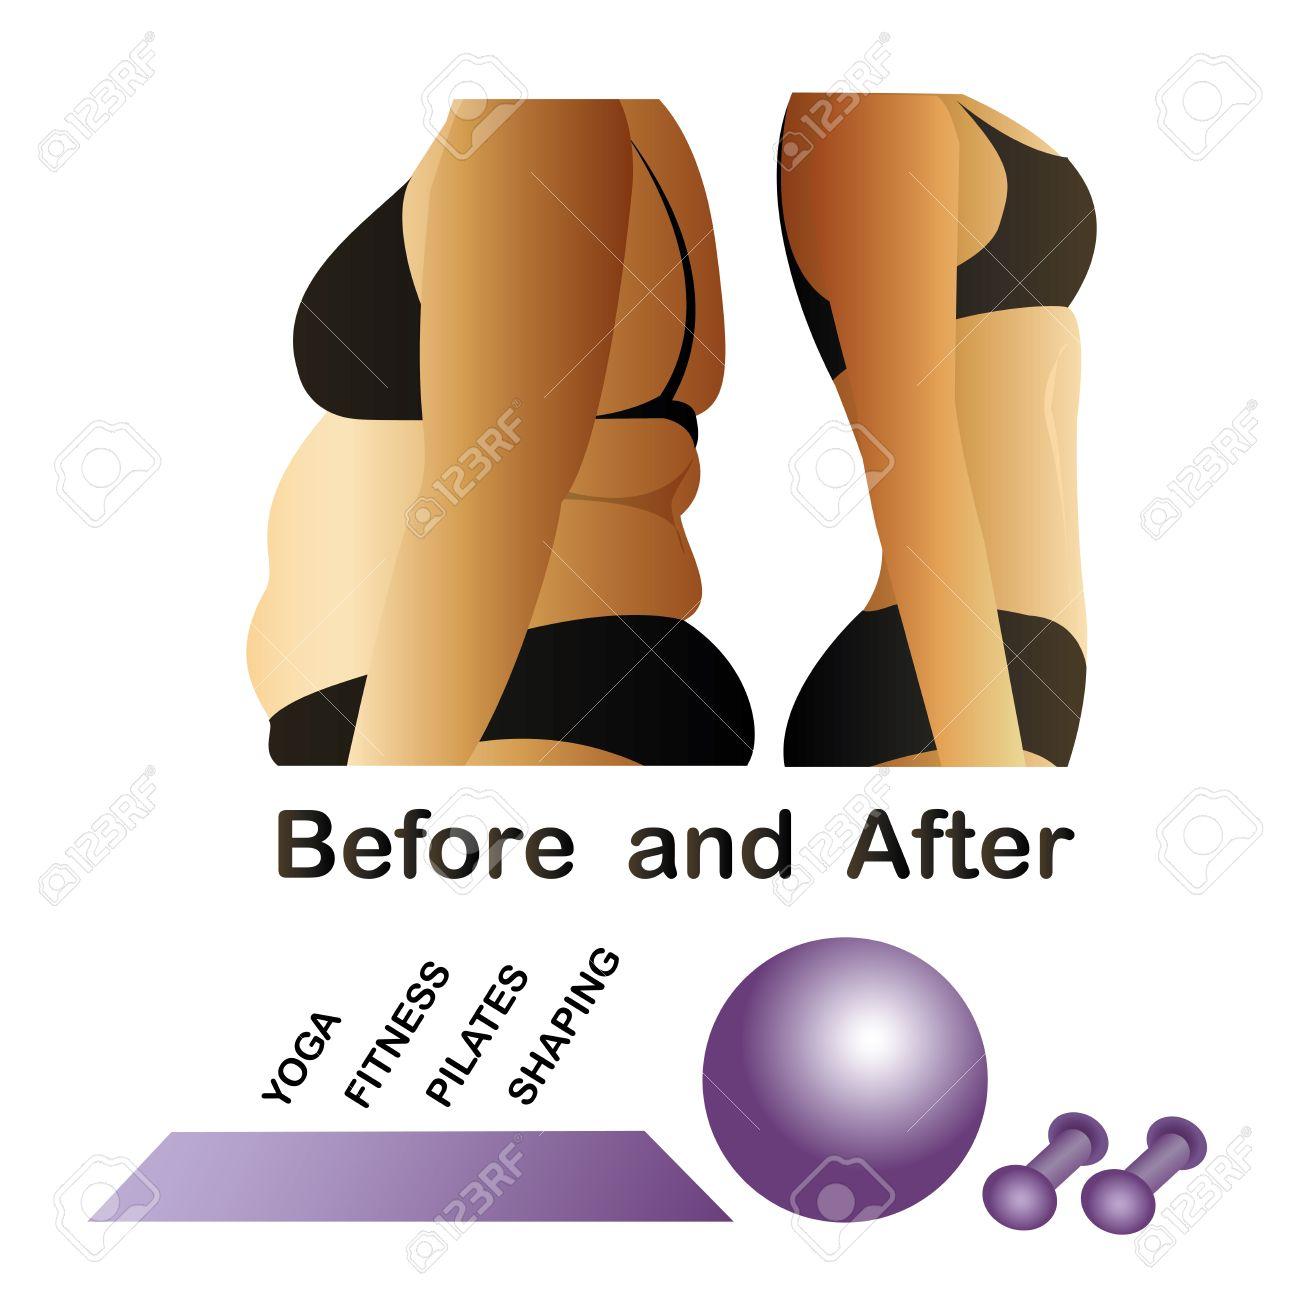 El Cuerpo De La Mujer Antes Y Después De La Aptitud, Yoga. Celulitis ...